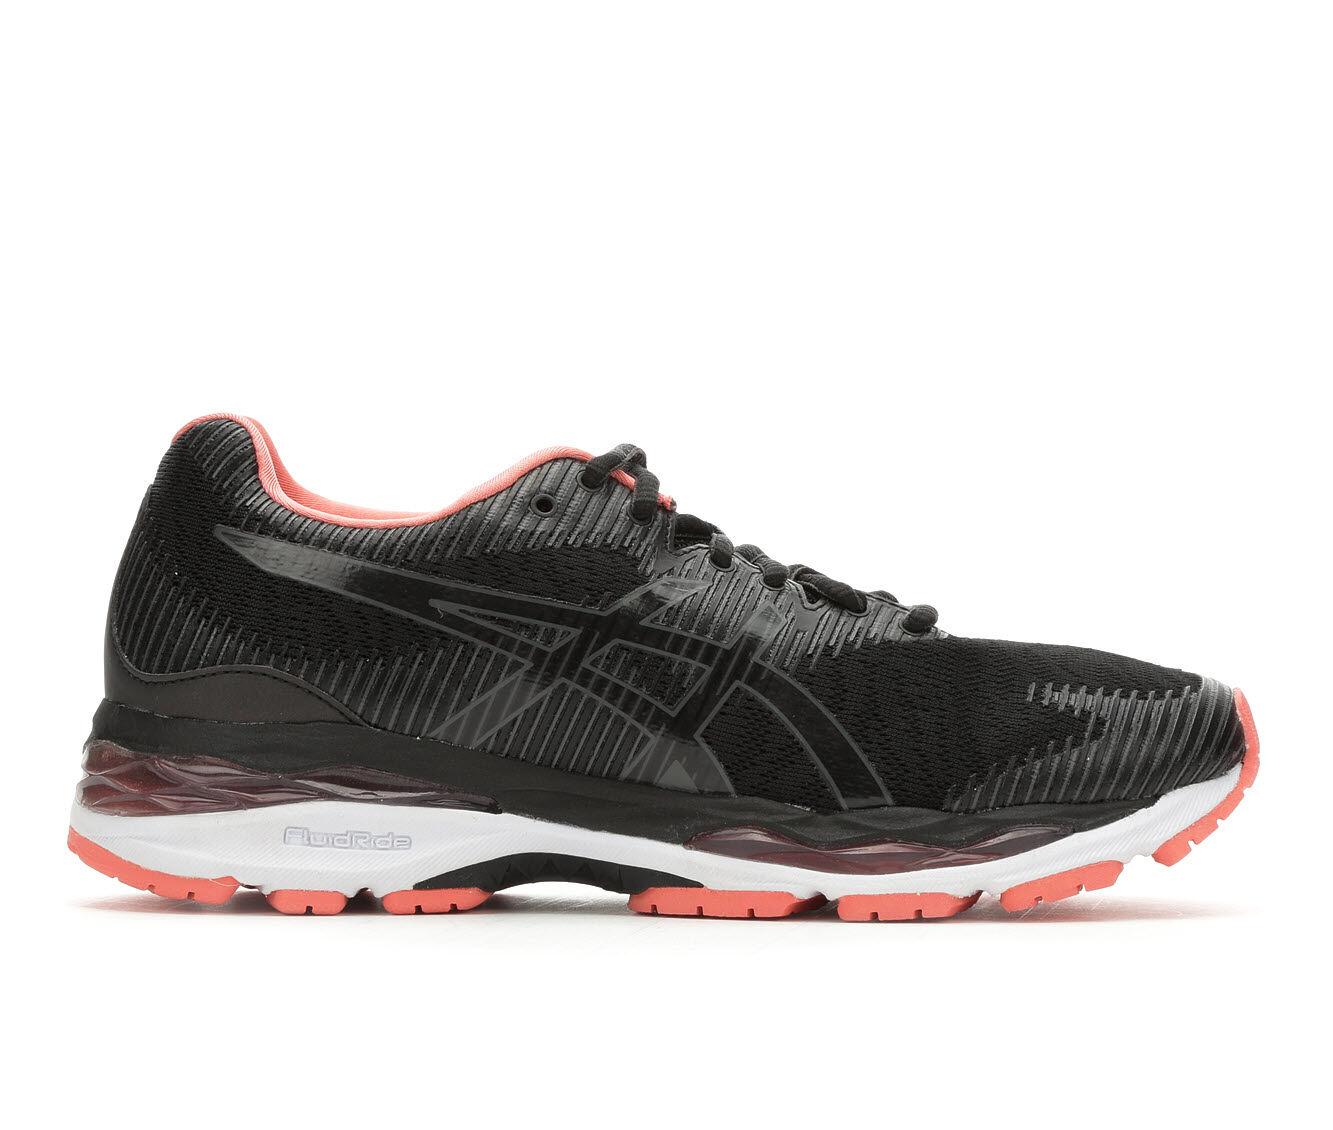 Women's ASICS Gel Ziruss 2 Running Shoes Black/Gry/Peach